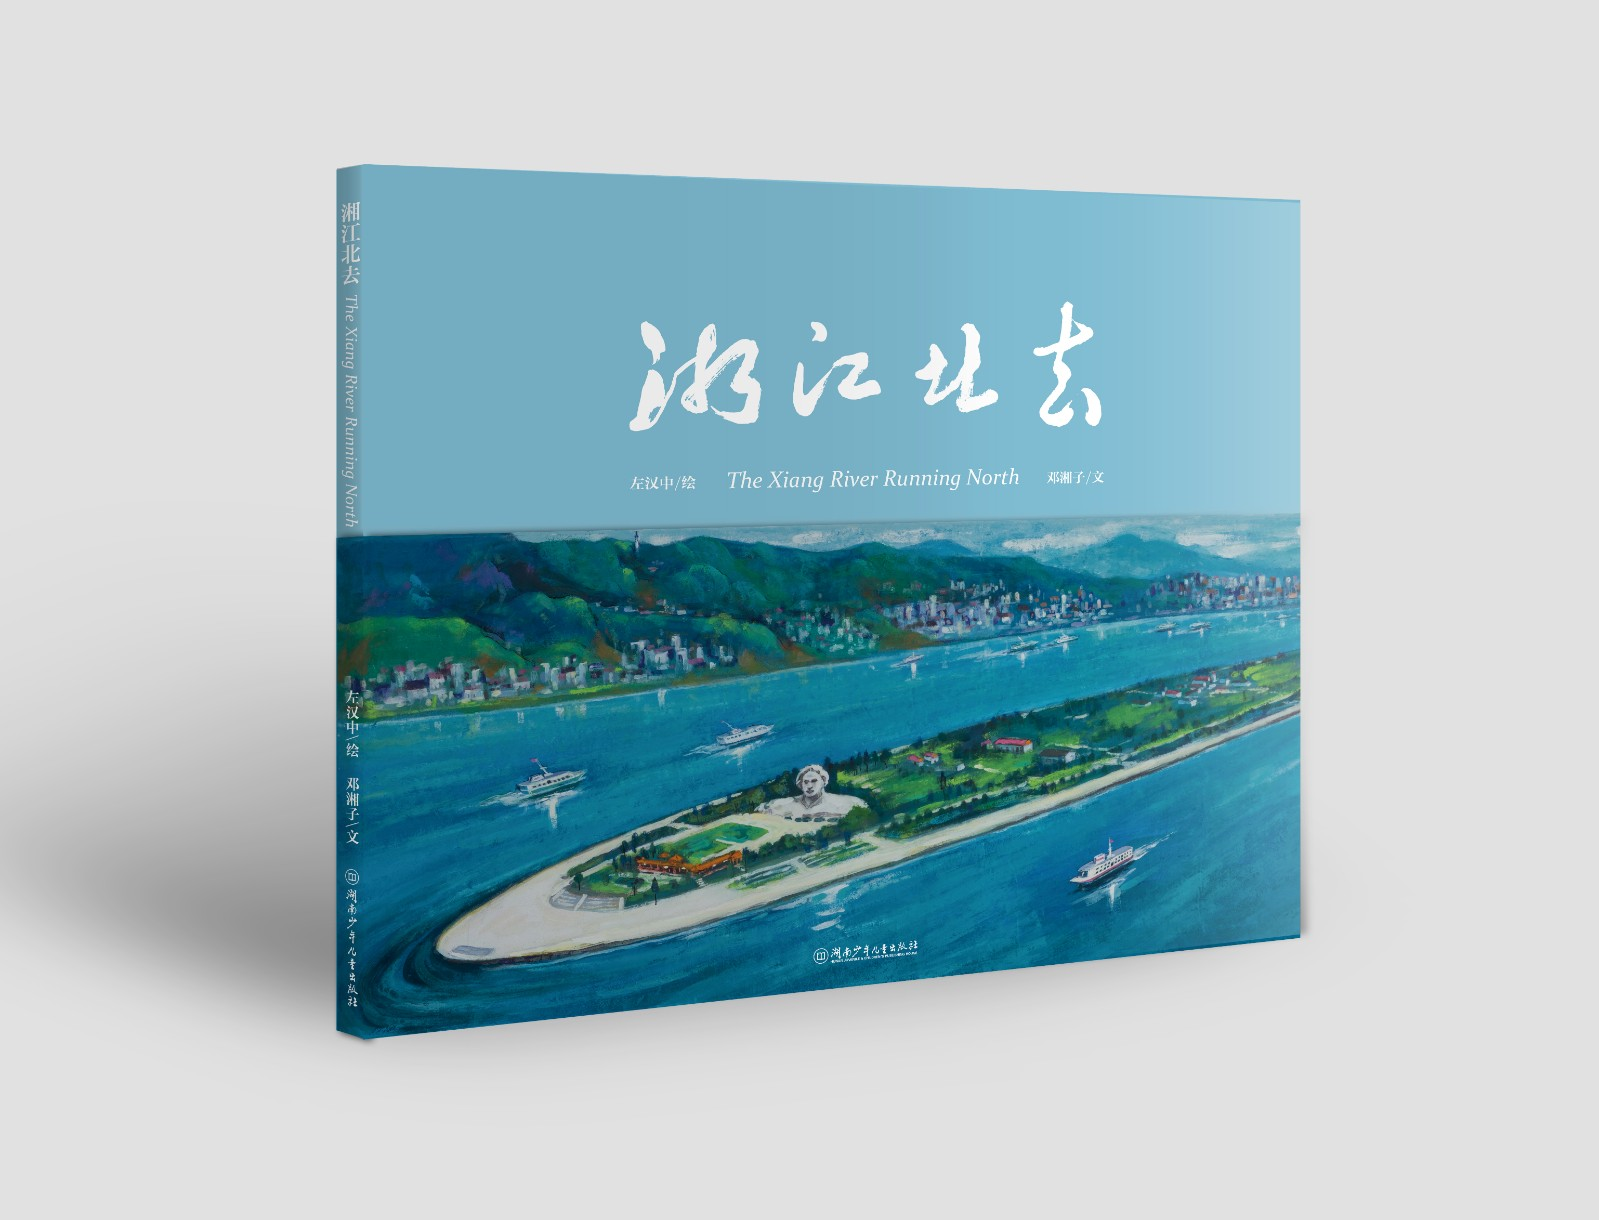 湘江北去立体图.jpg